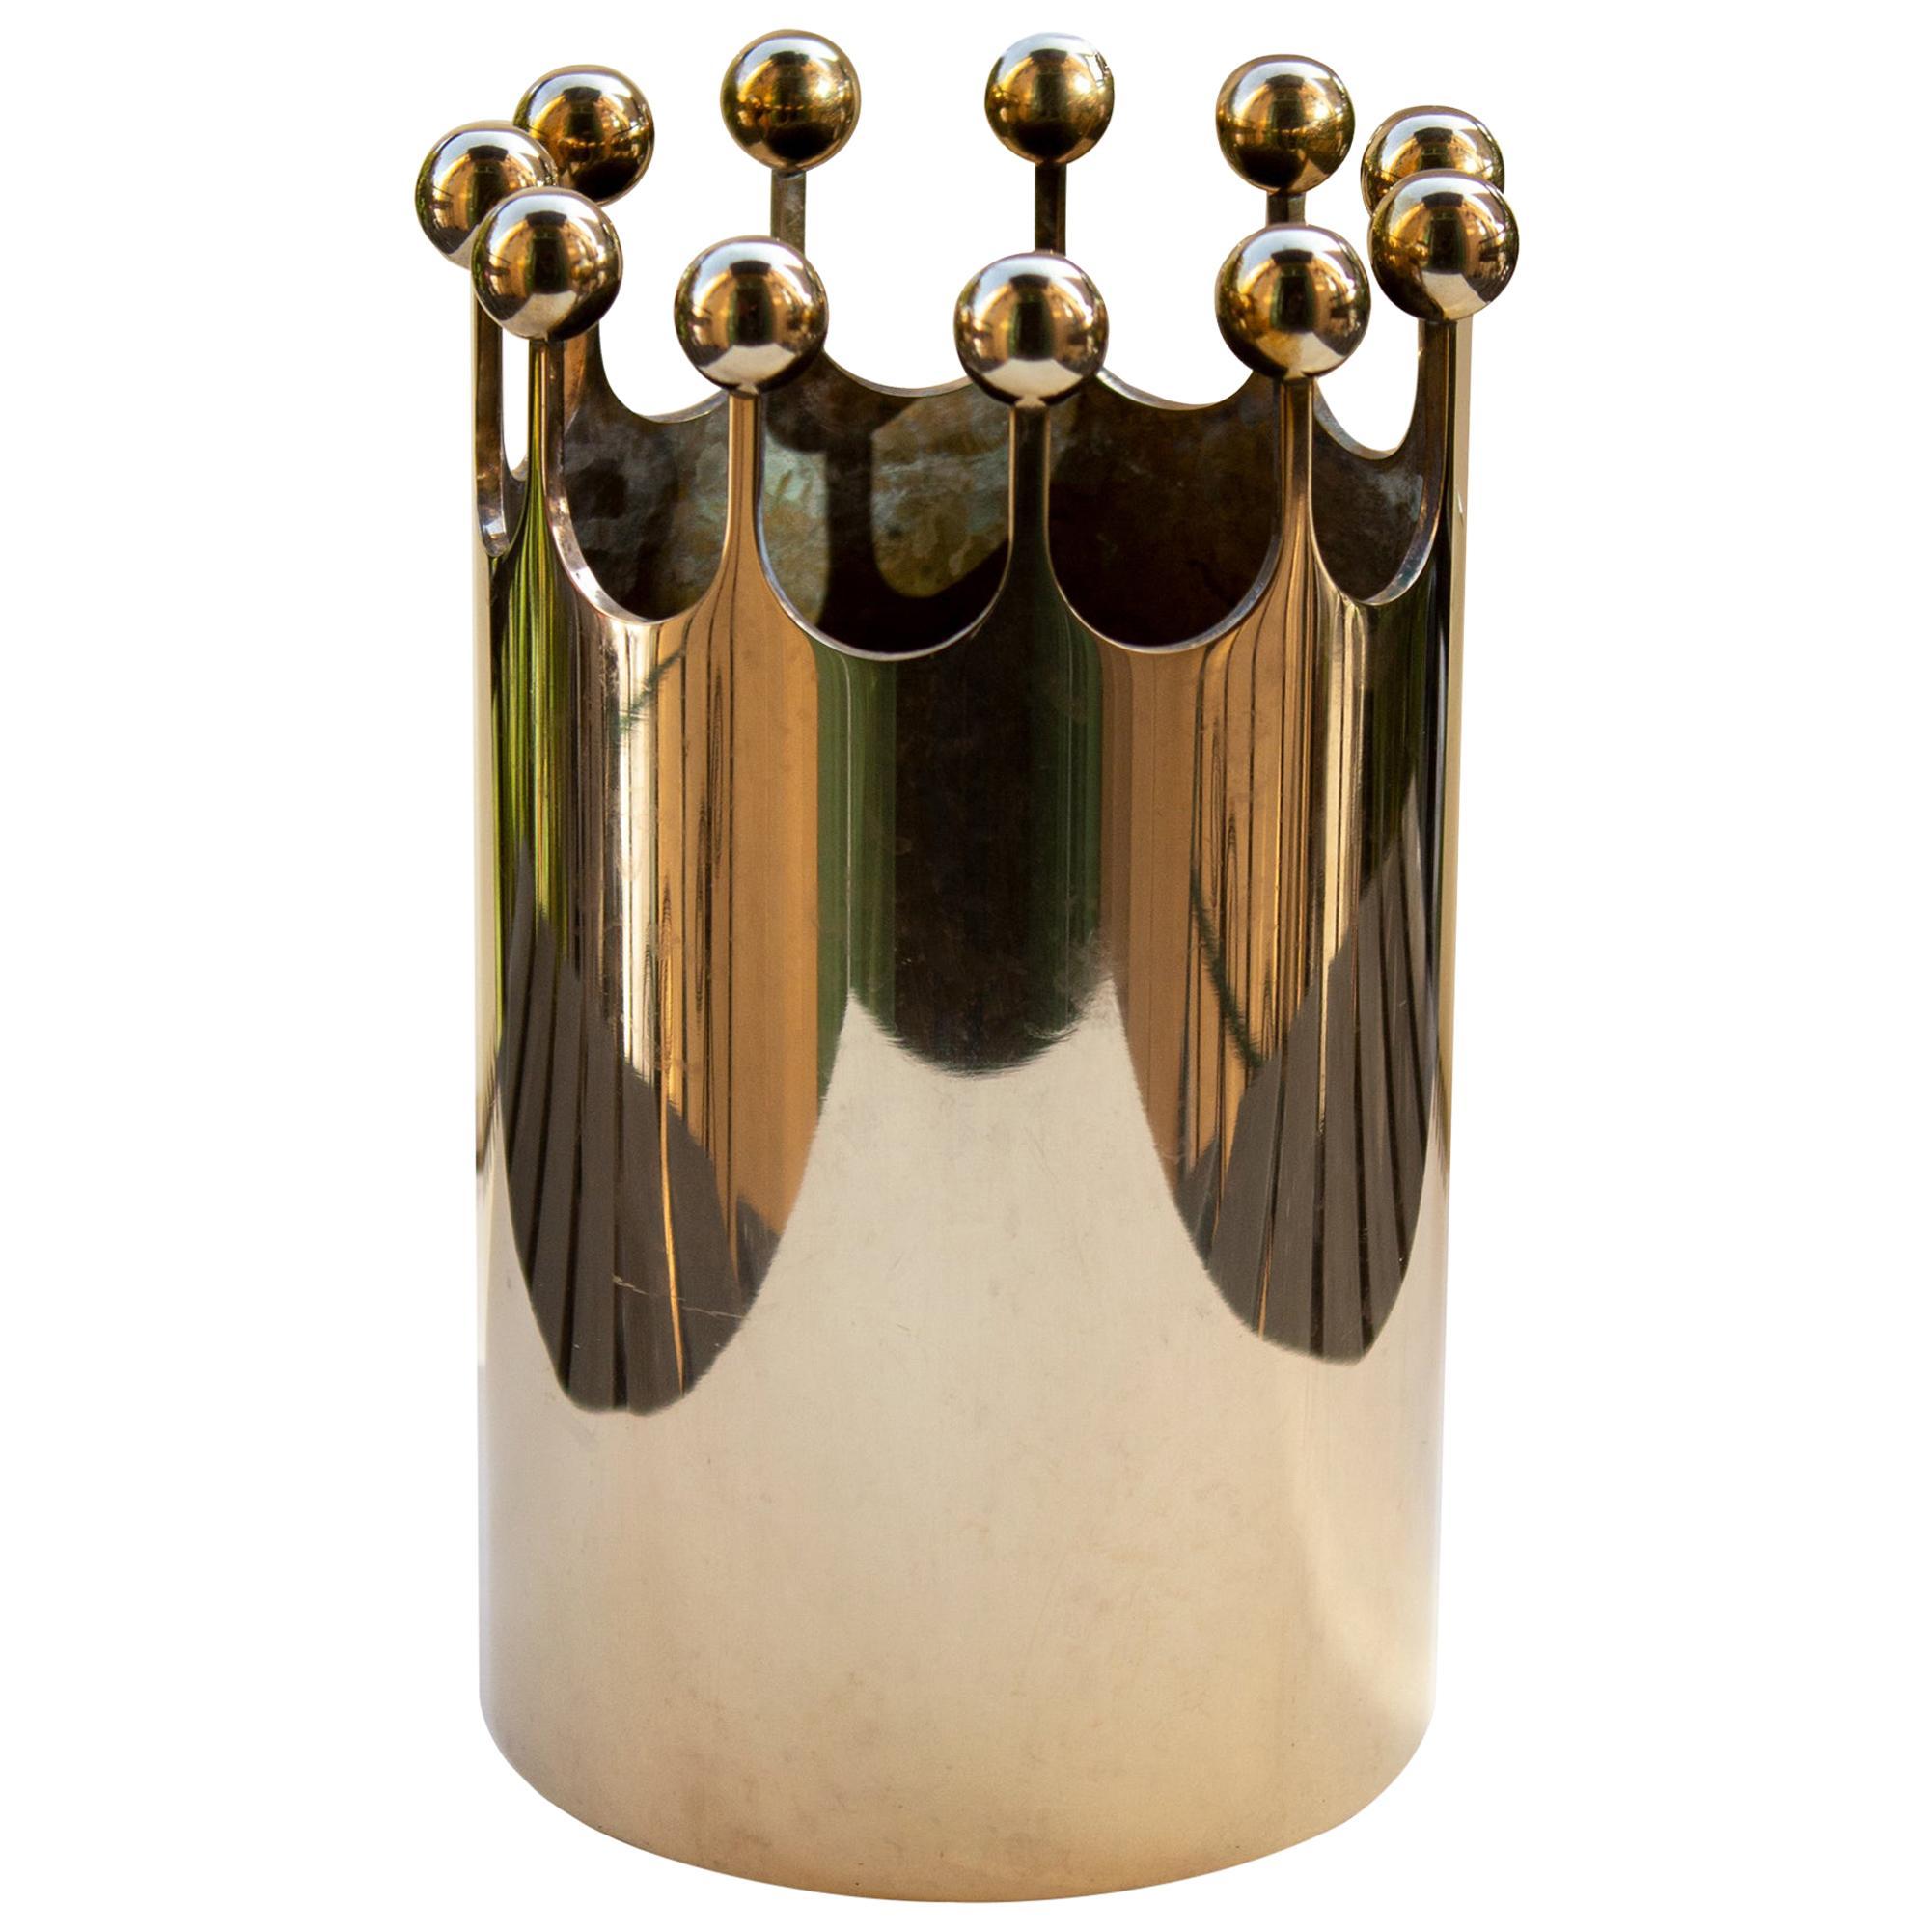 Scandinavian Modern Vase in Brass for Skultuna, Sweden by Pierre Forsell